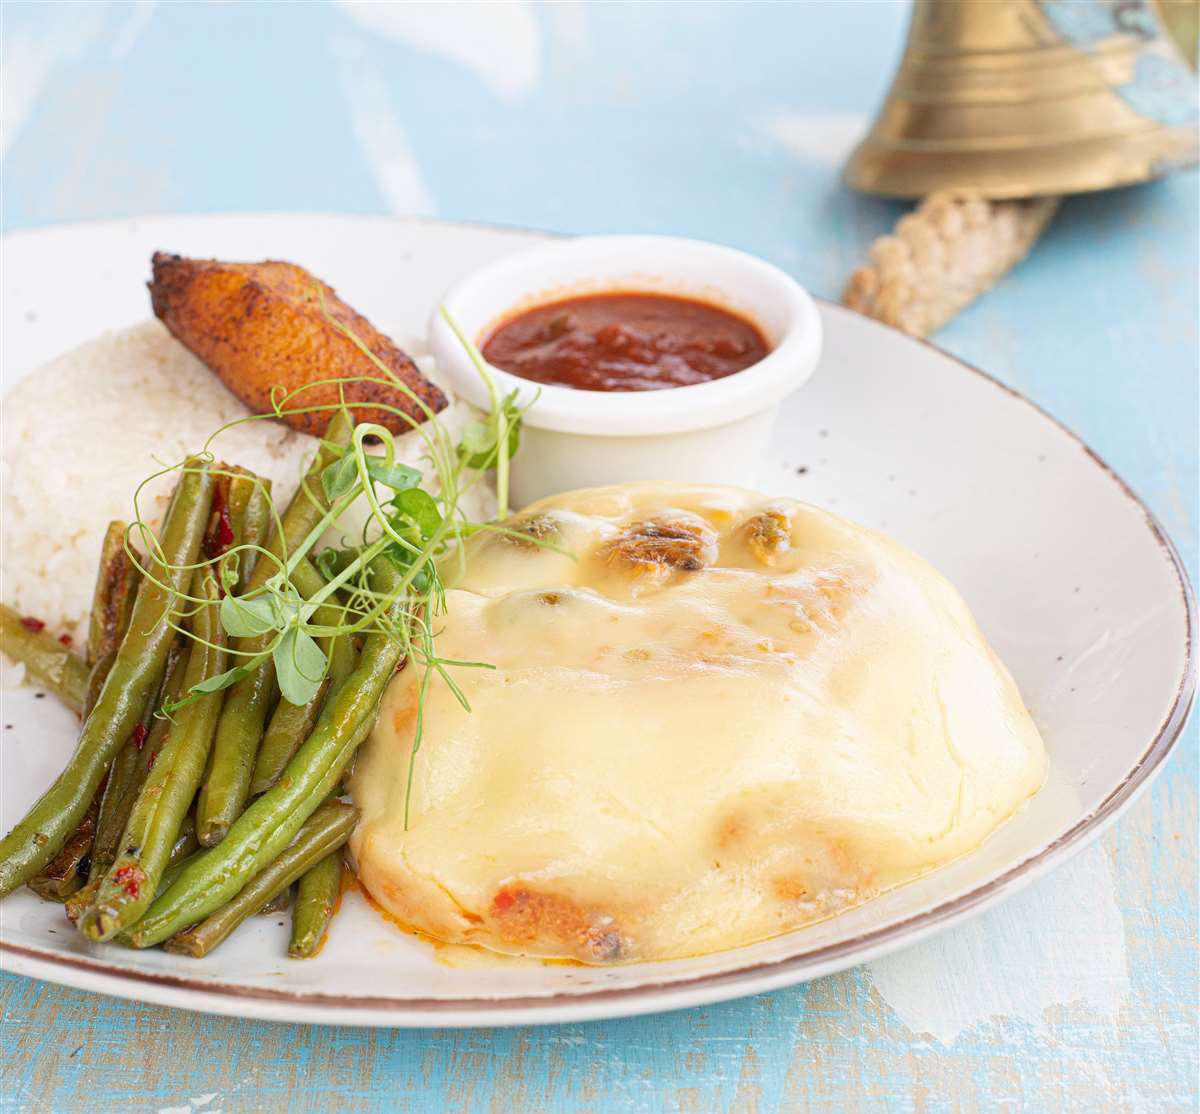 中秋团圆饭来点新口味,轻松做出一桌加勒比风情的饕餮家宴!